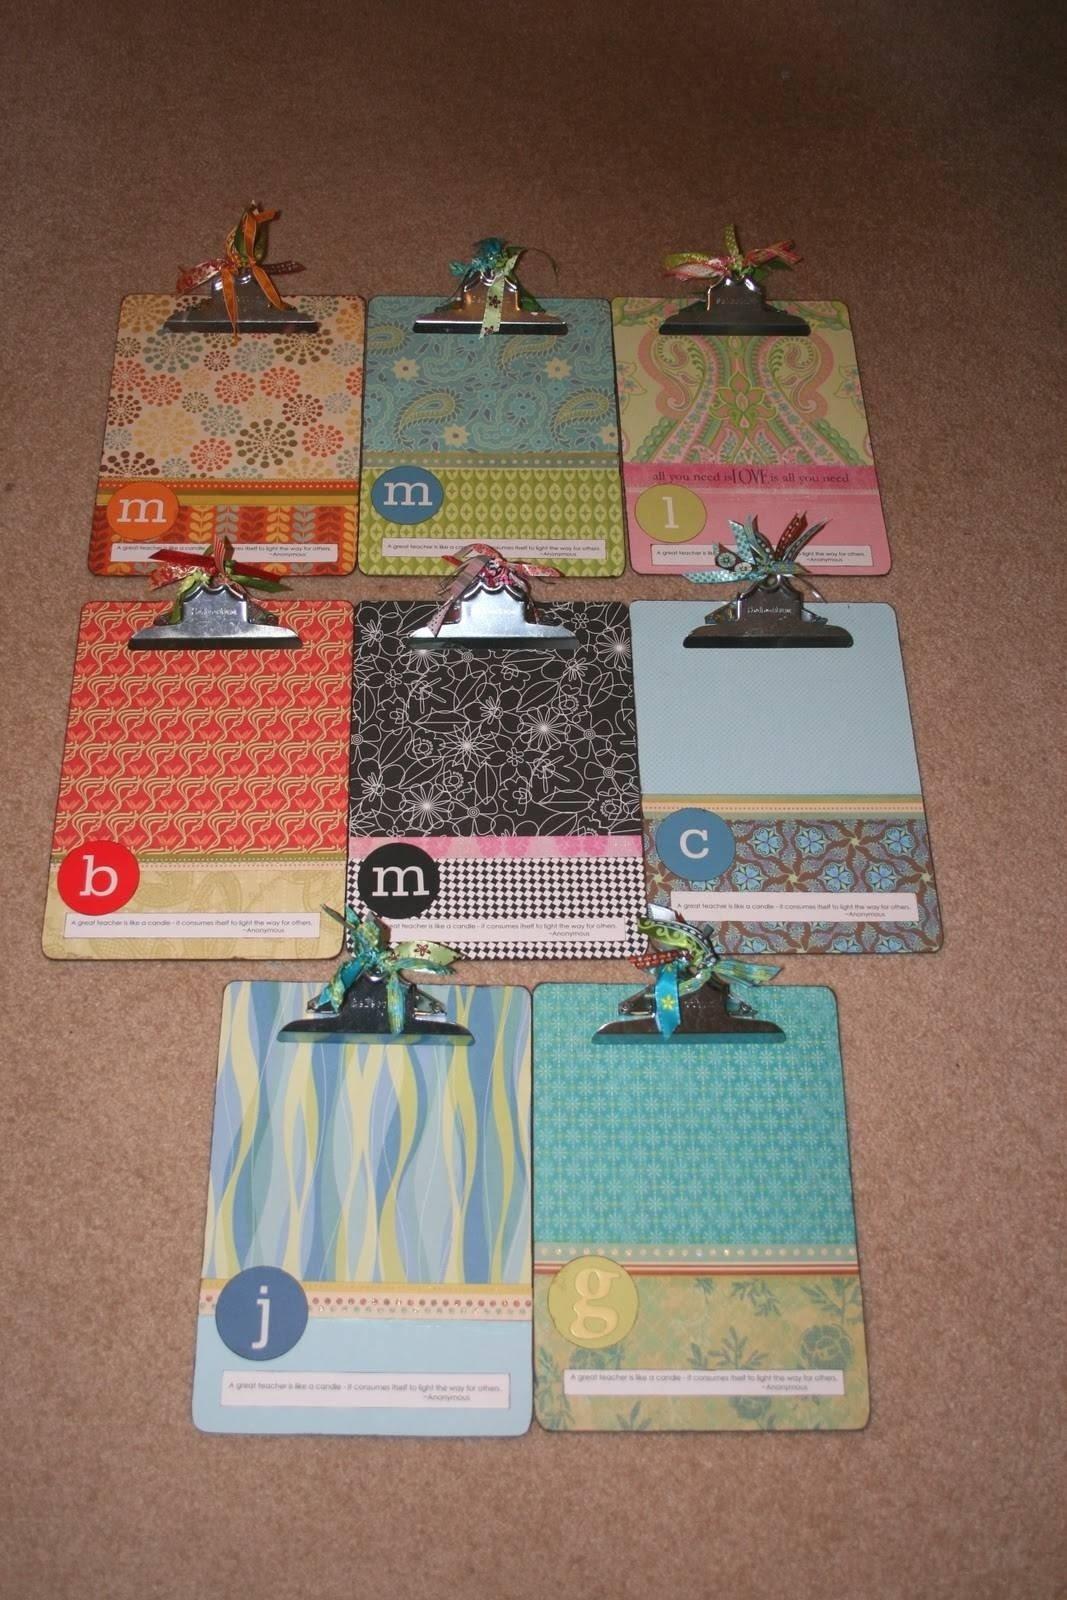 10 Lovable Homemade Gift Ideas For Women 15 homemade christmas gift ideas for teachers 2020